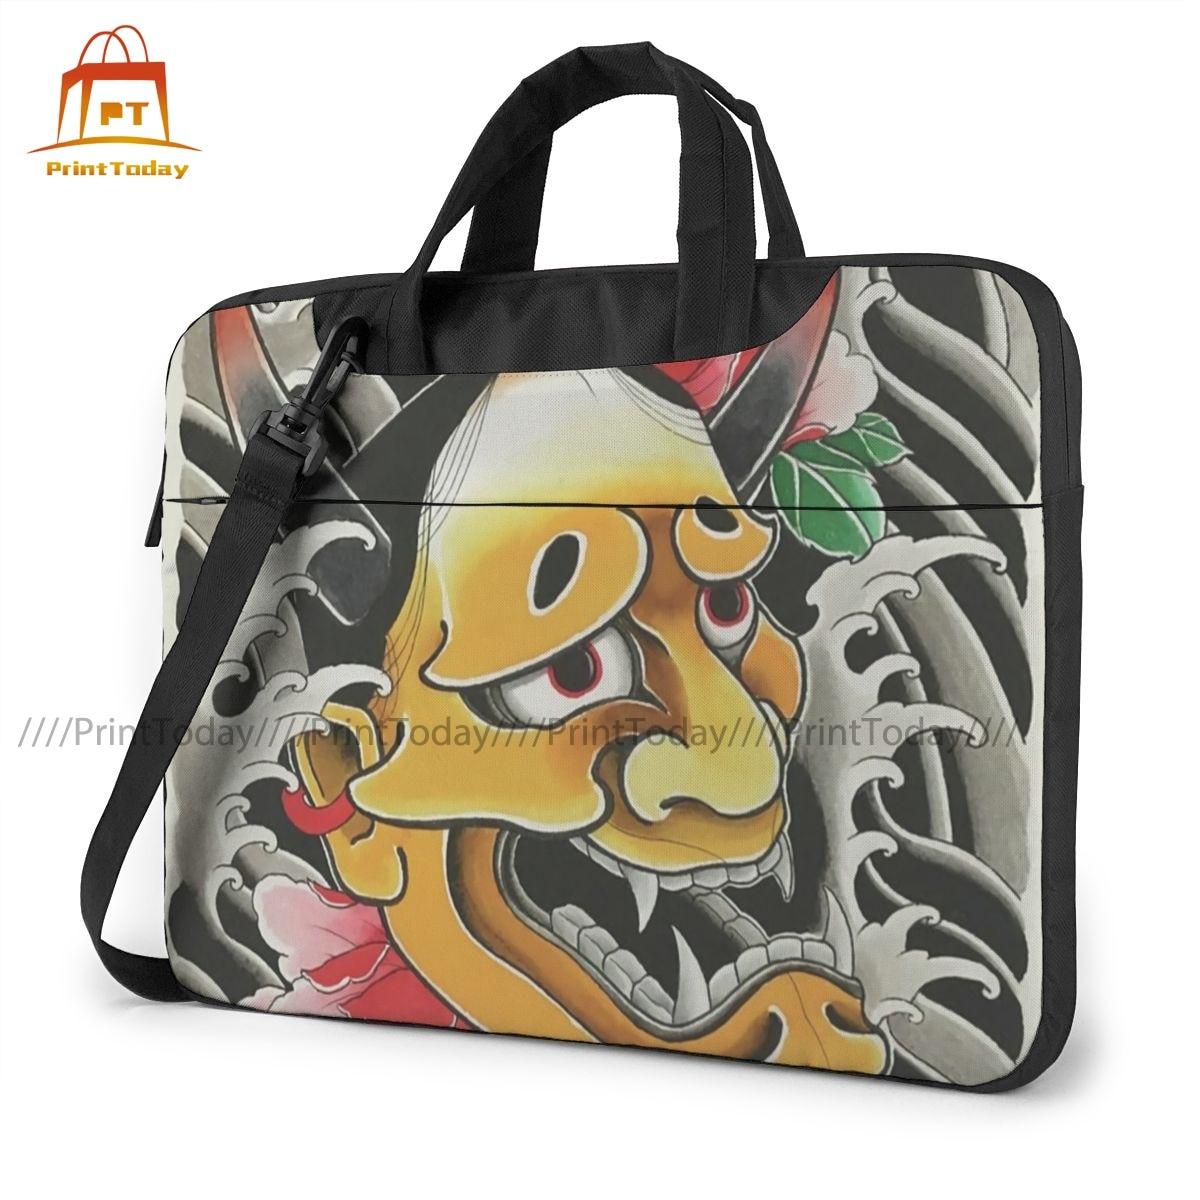 اليابانية هانا قناع حقيبة لابتوب الحال مع مقبض حقيبة حاسوب واقية أنيق travel mate المحمول الحقيبة